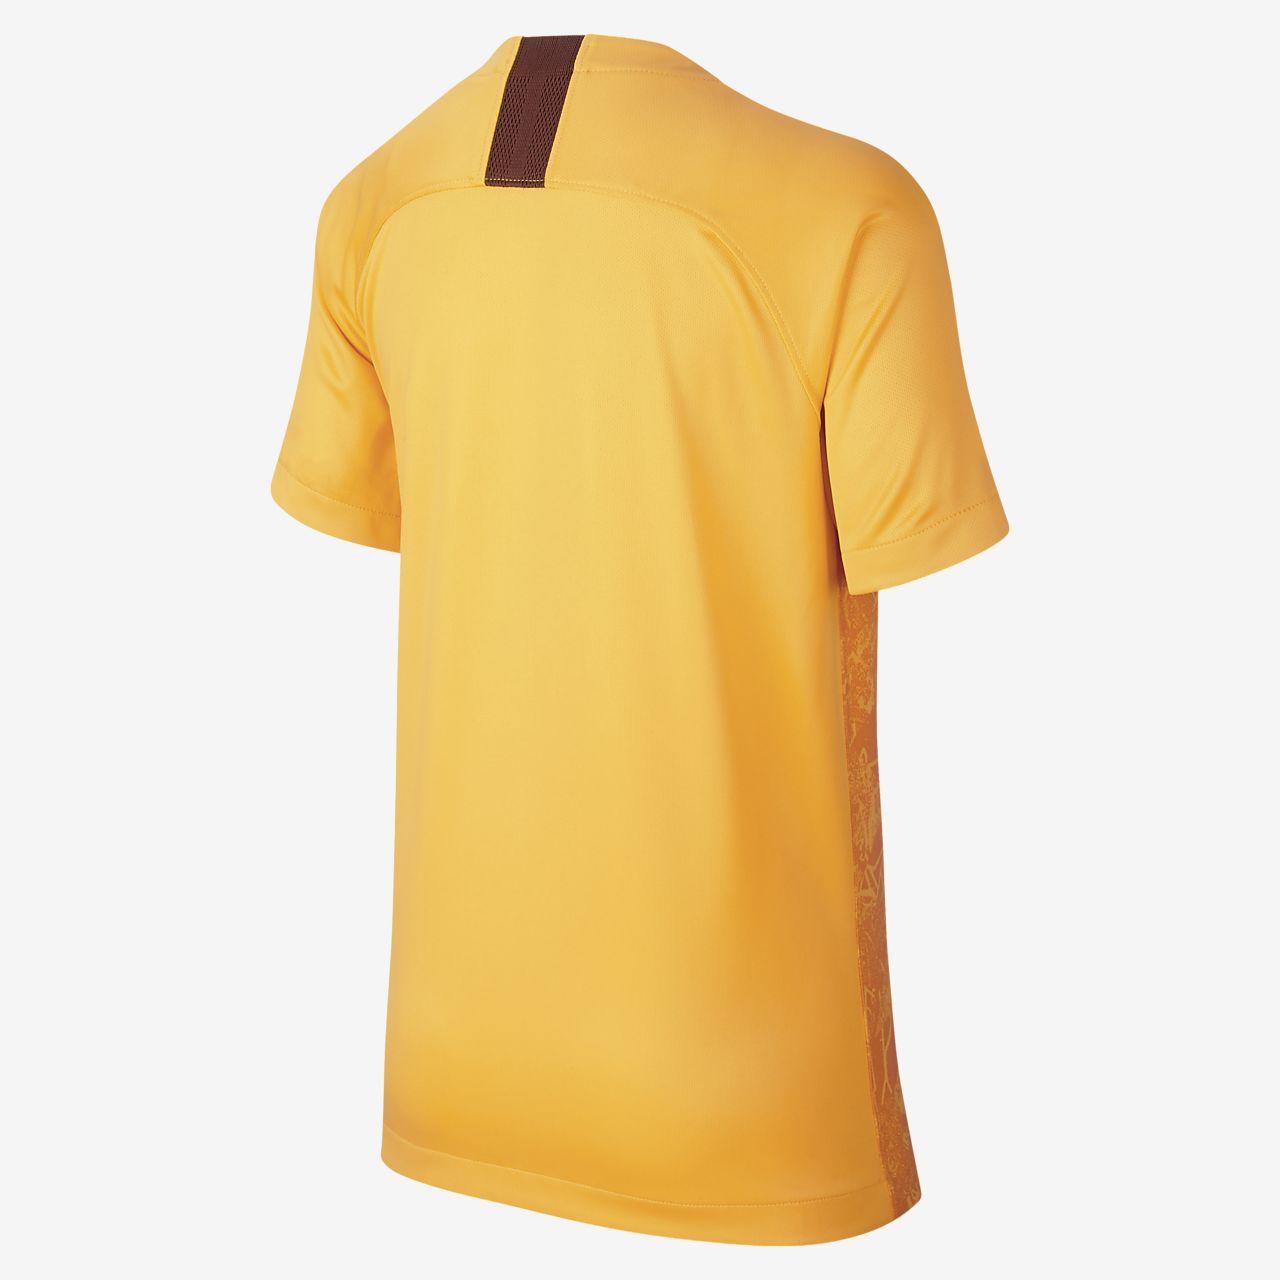 e47a826cebfe7 ... Camiseta de fútbol para niños talla grande alternativa A.S. Roma  Stadium